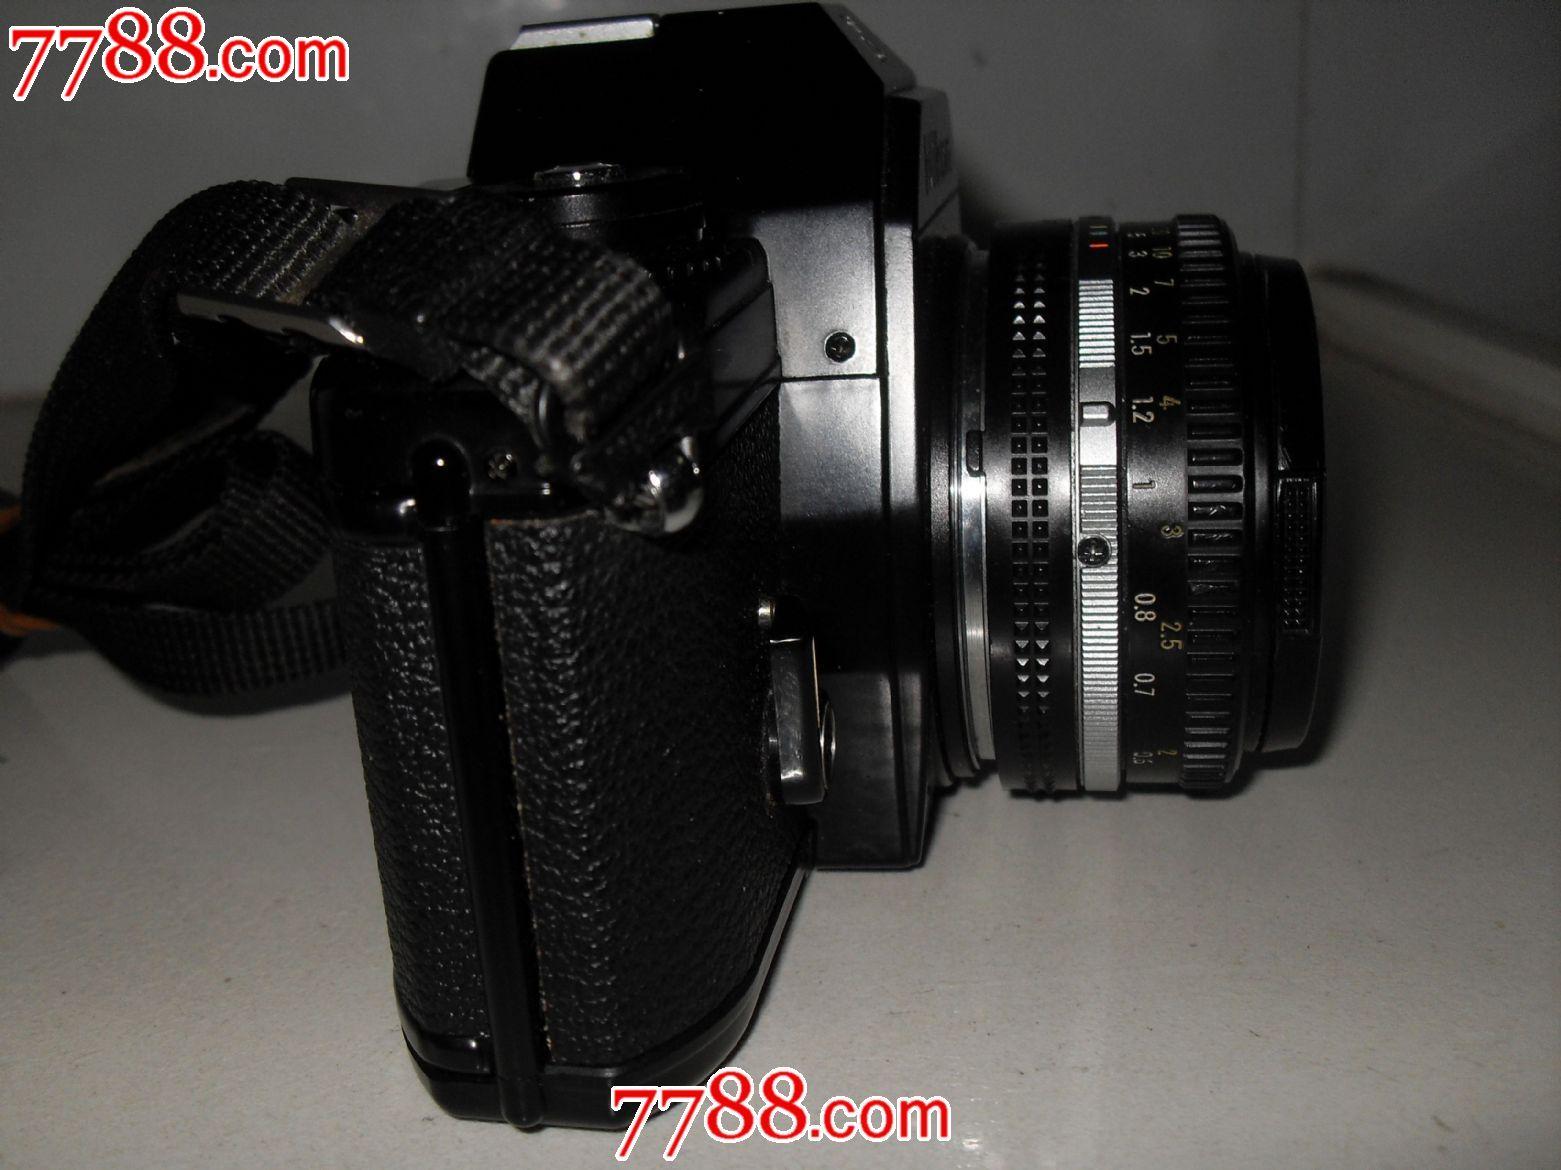 尼康em单反相机和尼柯尔1.8/50标准镜头